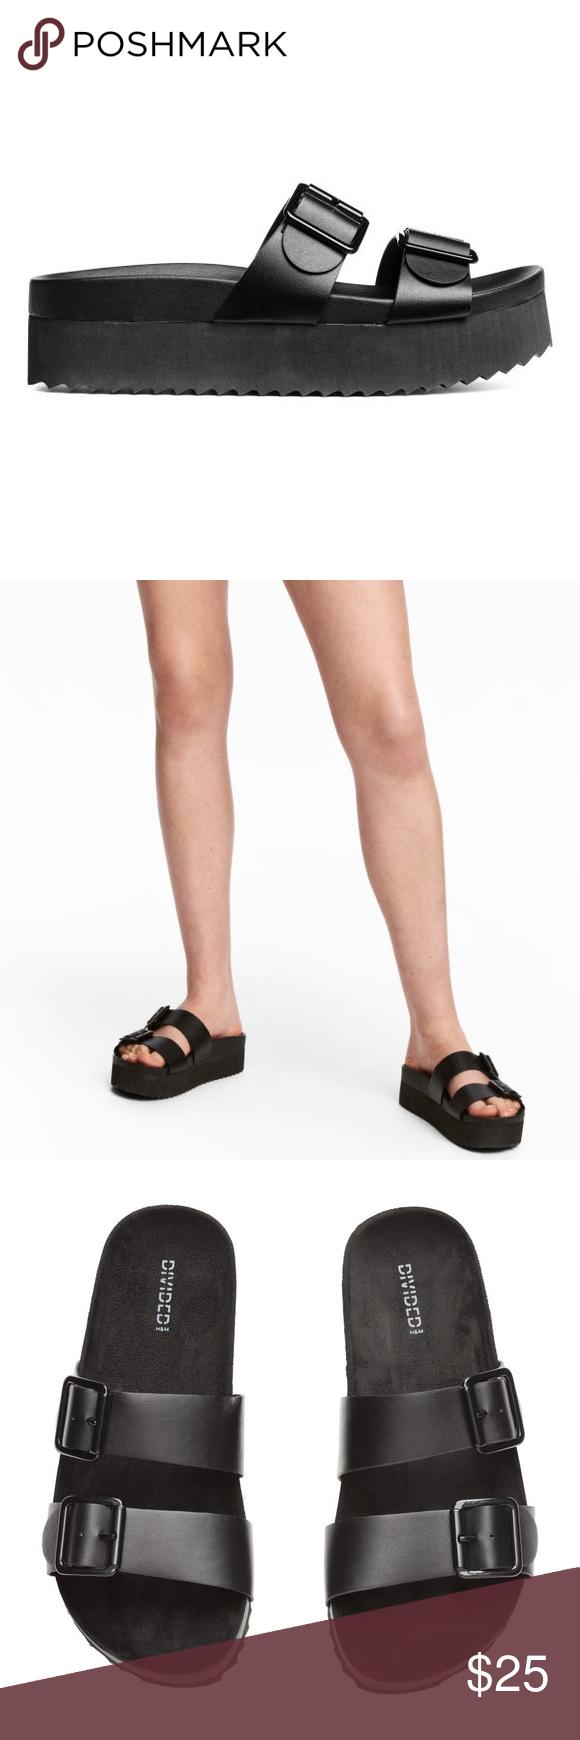 a4d9d8972e99 Platform slide sandal. Birkenstock inspired Never been worn. Slide platform  sandal. OP from H M H M Shoes Sandals